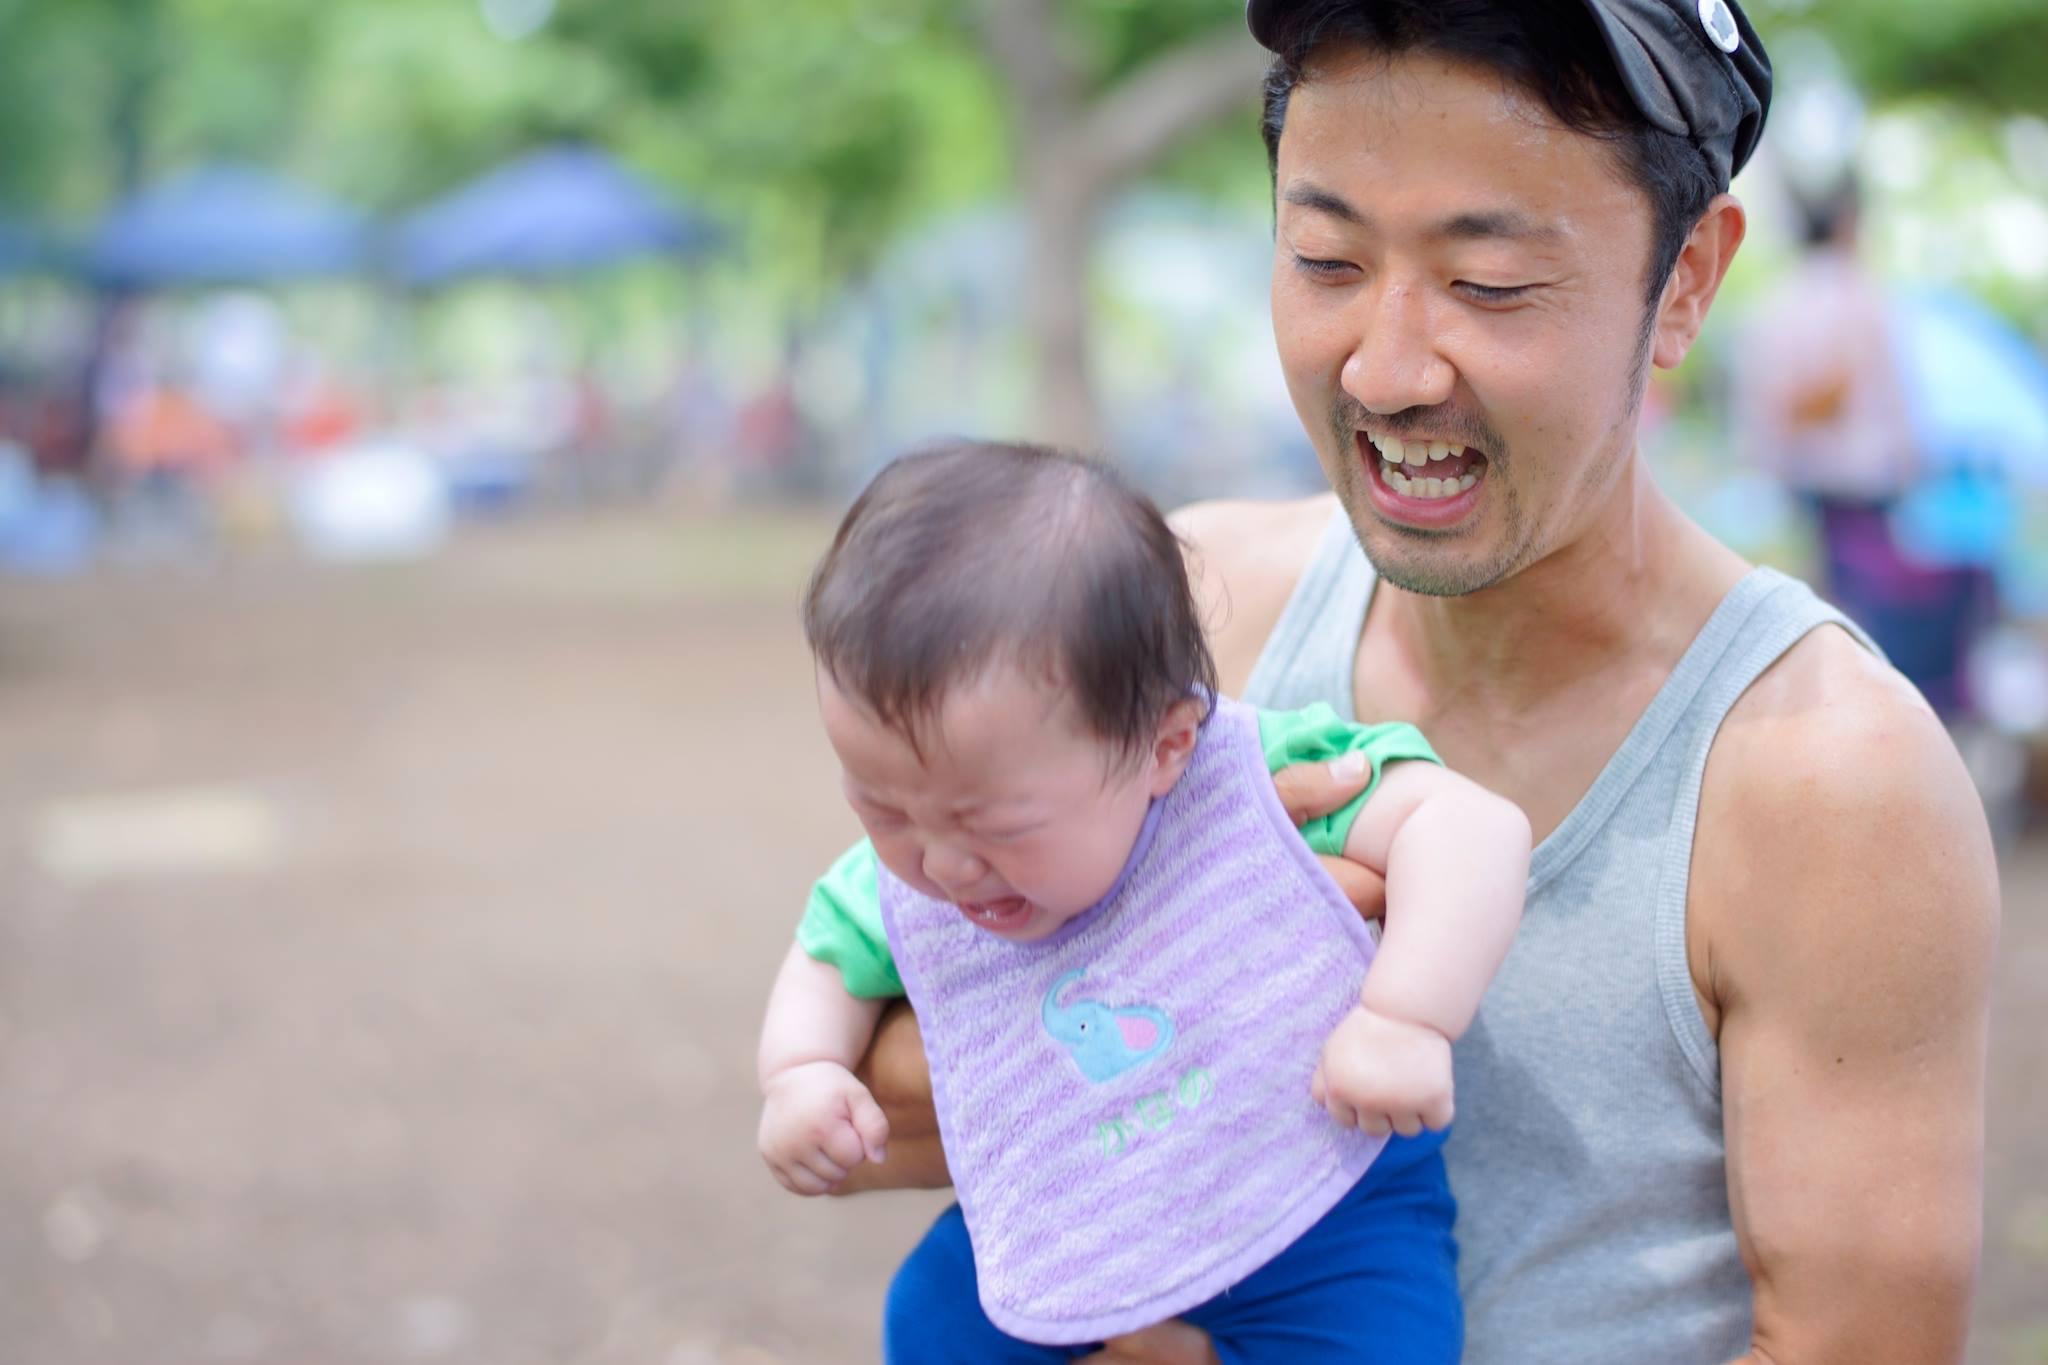 ローカルWEBメディア・地域サイト 草加ローカルストーリー 緑川敦さん 酒場みどり